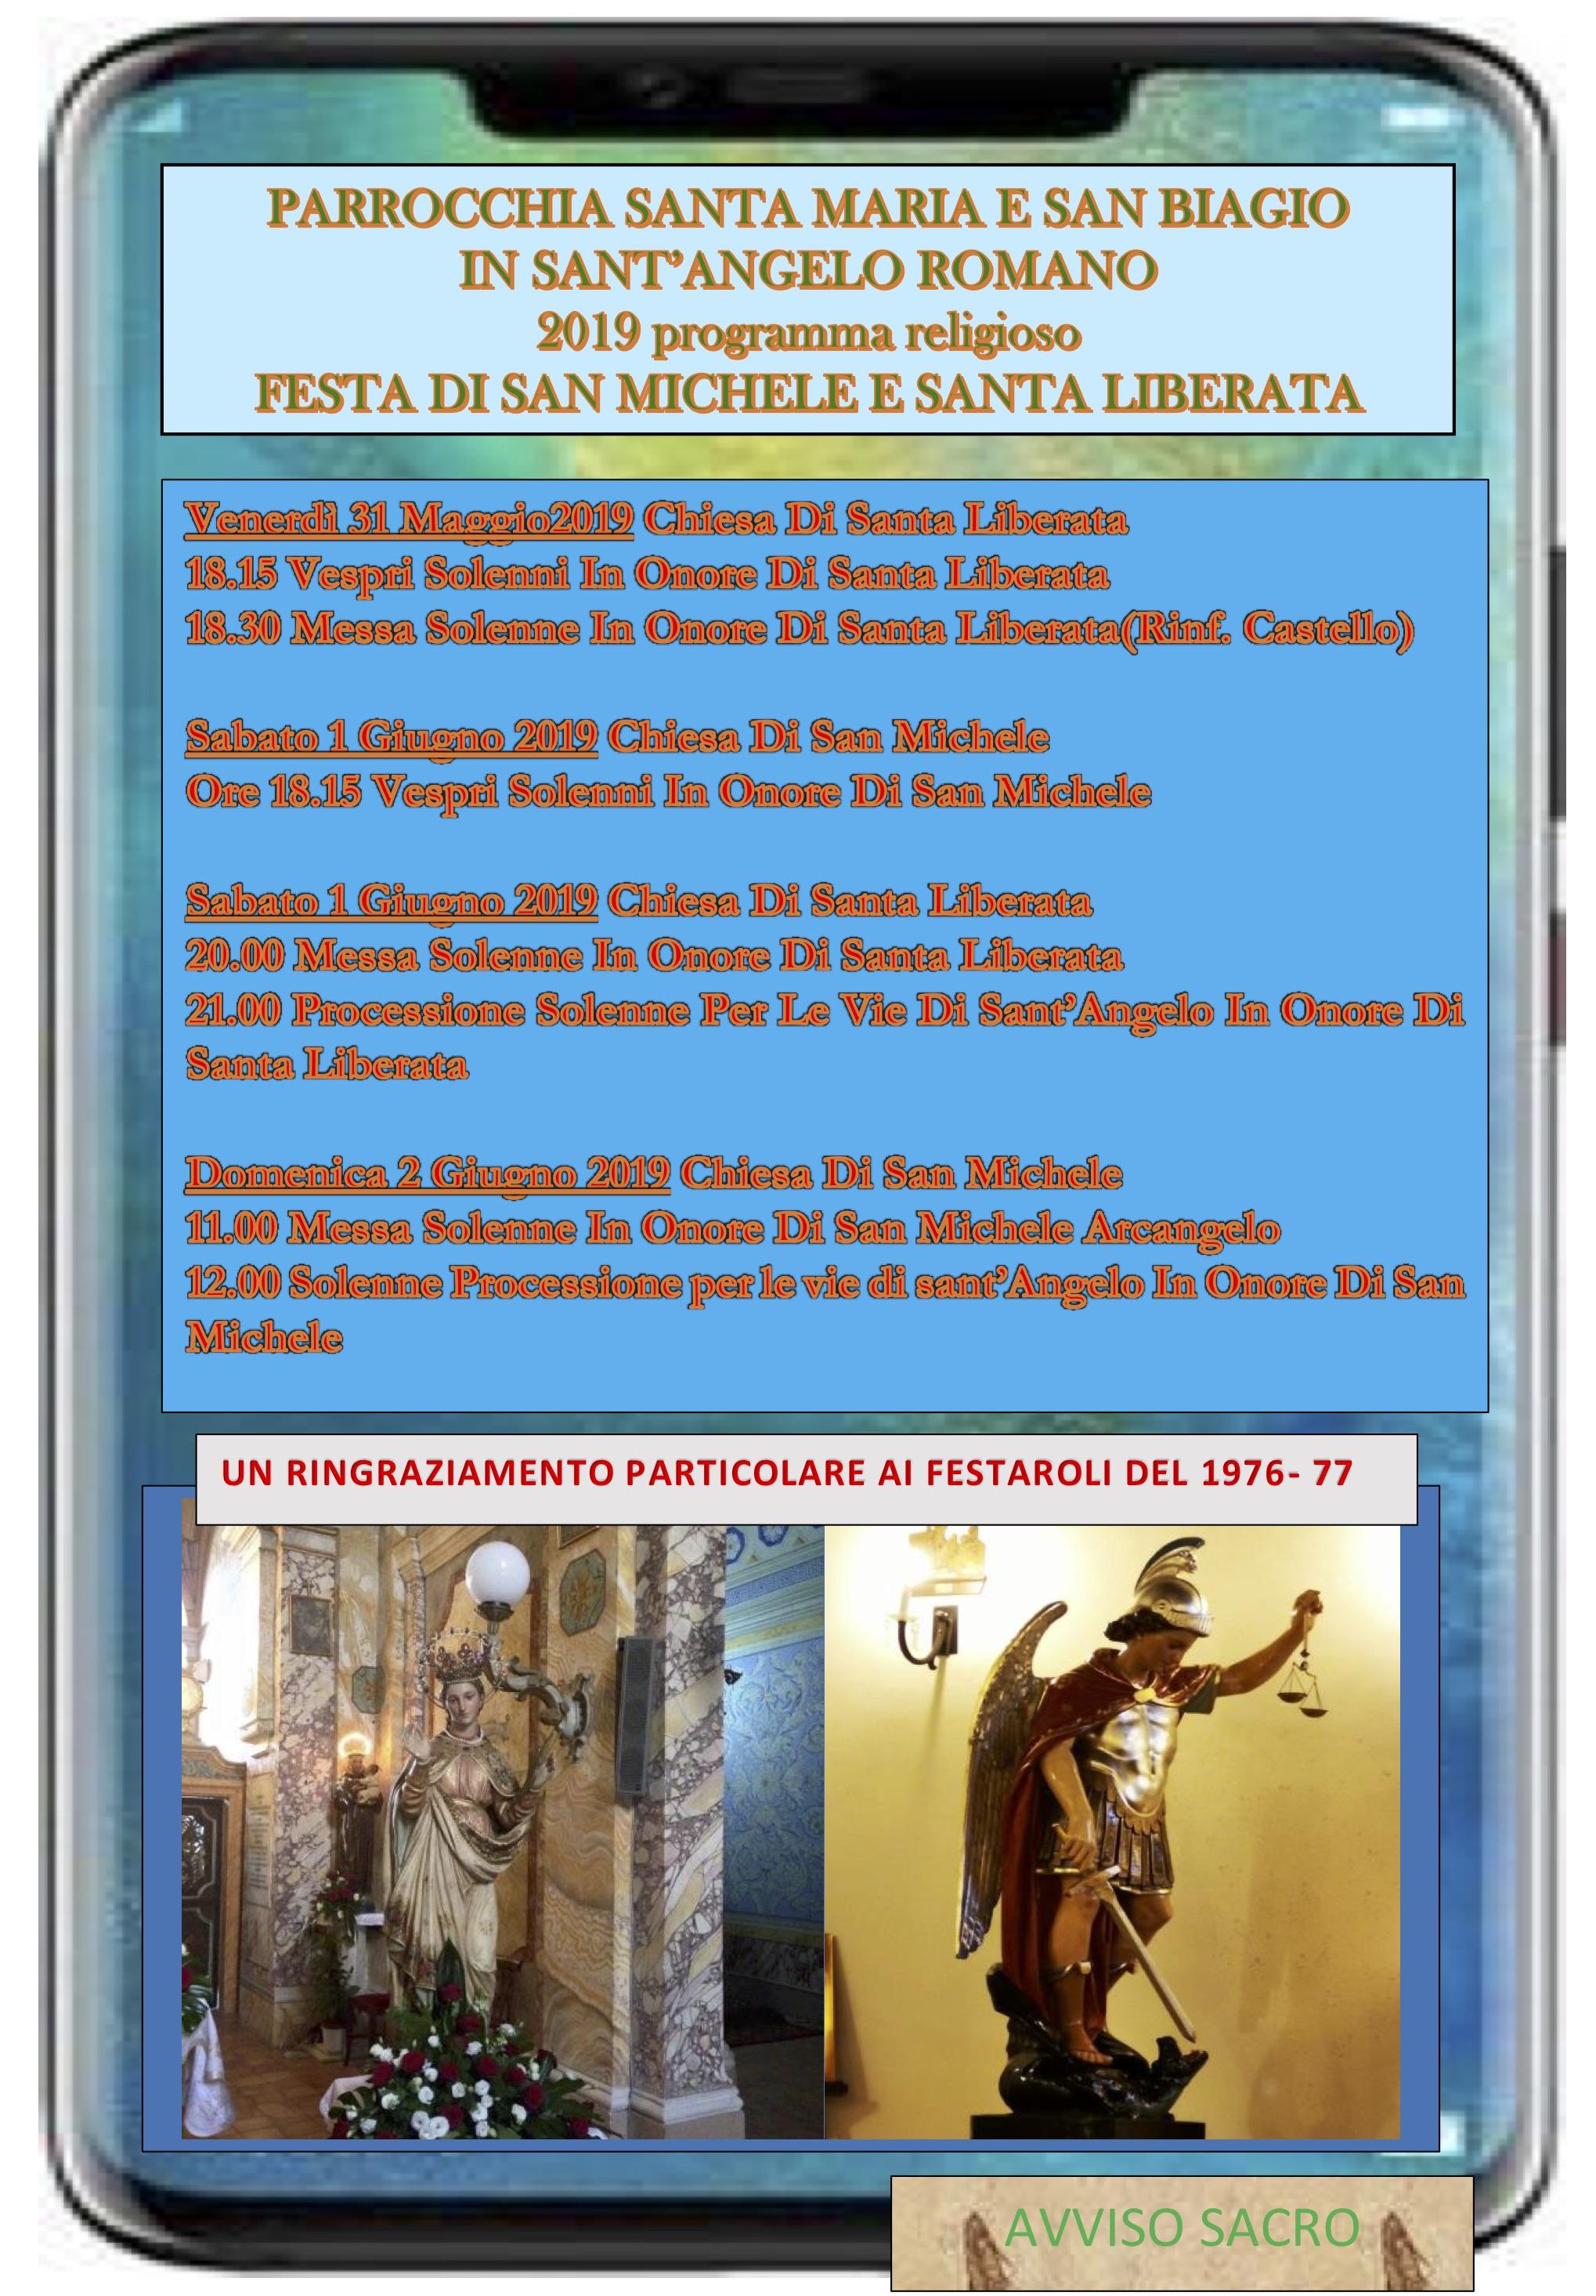 San Biagio Giorno Calendario.Festa Di S Liberata E S Michele Parrocchia Santa Maria E